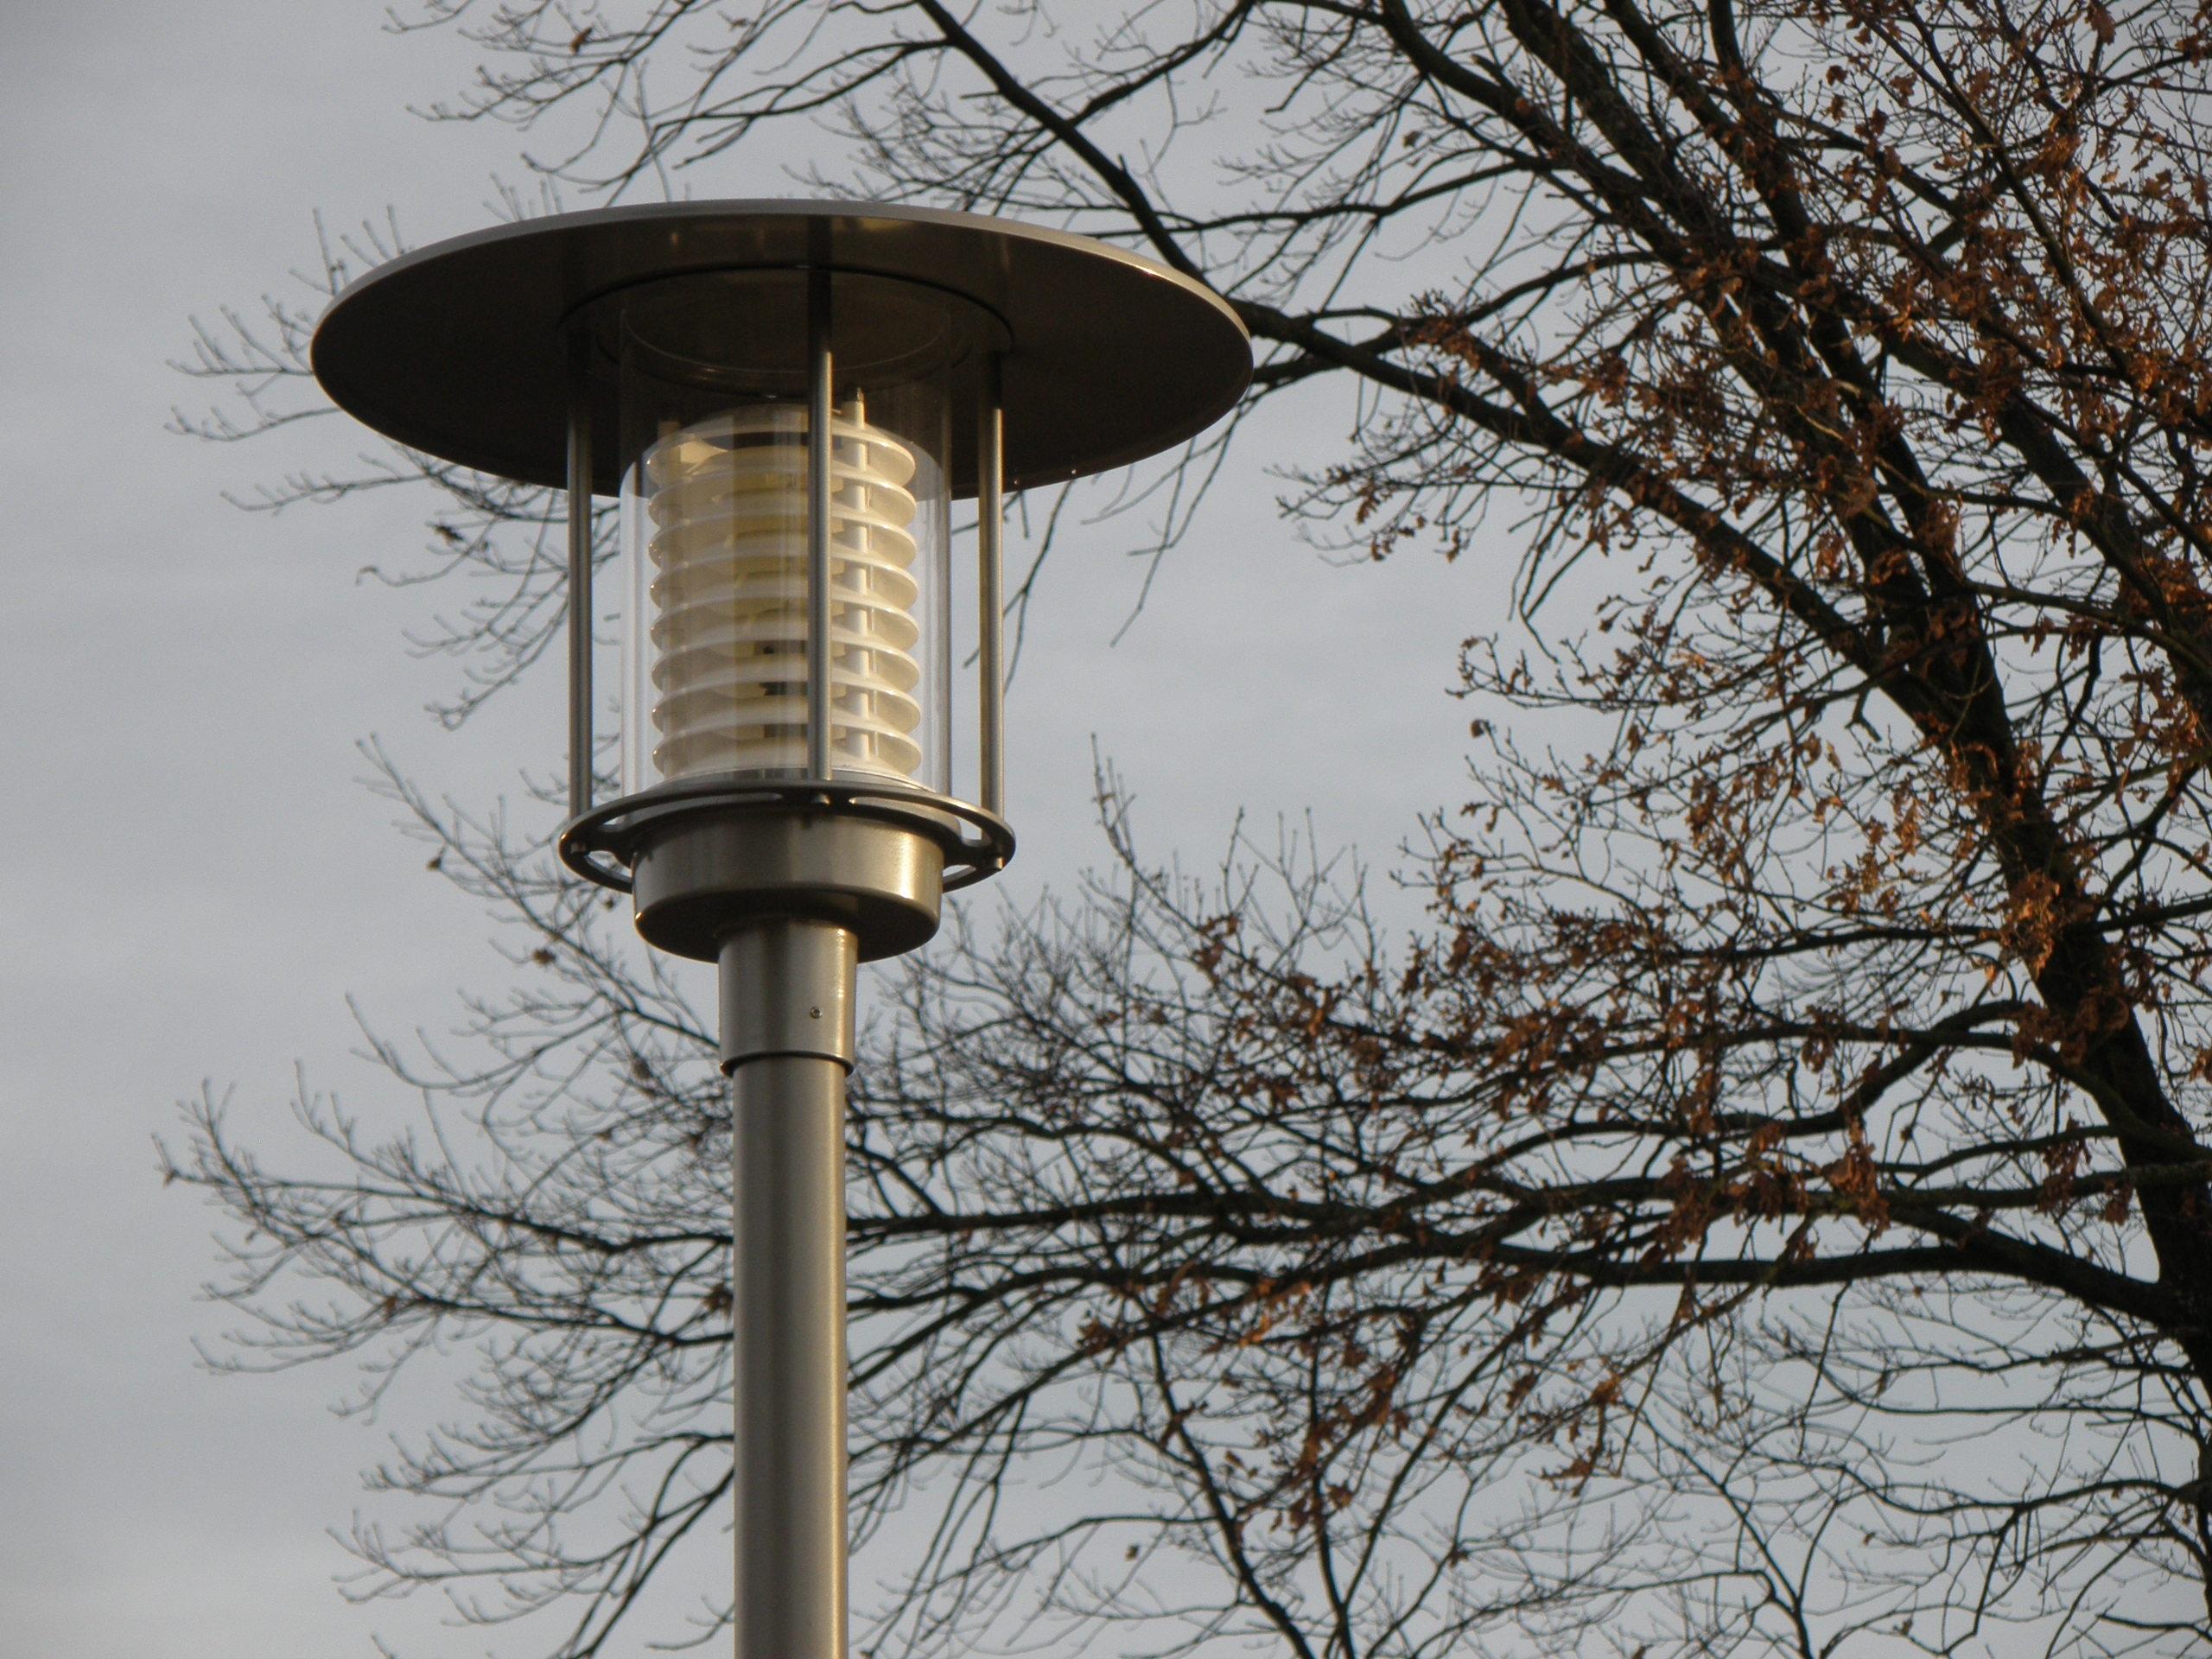 images gratuites lumi re la tour clairage public lampe moderne lampadaire luminaire. Black Bedroom Furniture Sets. Home Design Ideas